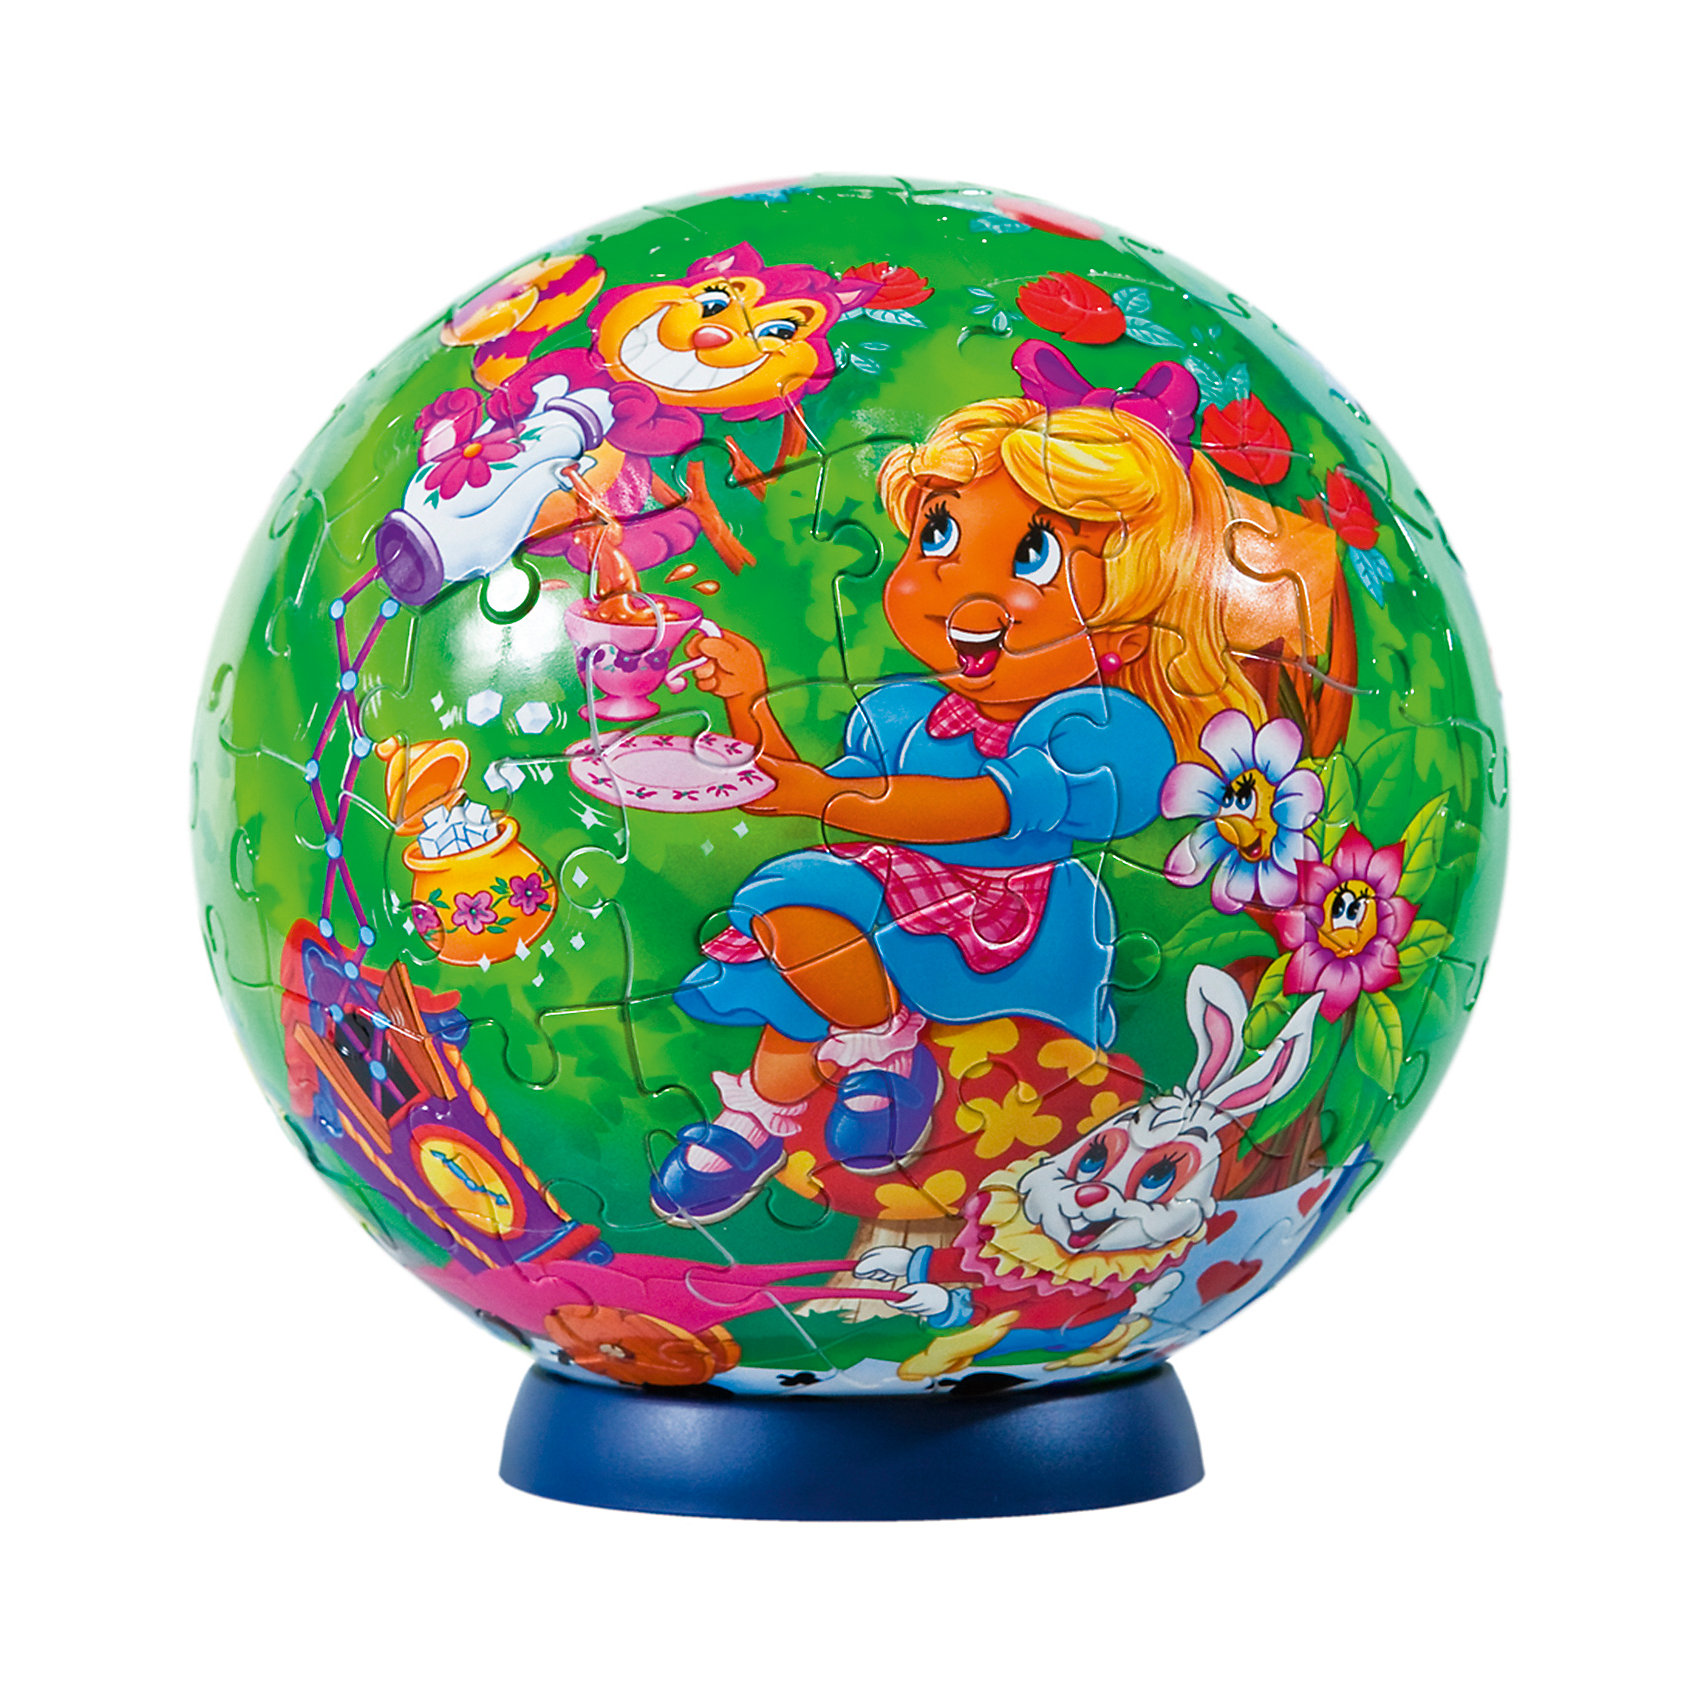 Пазл-шар Алиса в стране чудес, 108 деталей3D пазлы<br>Характеристики товара:<br><br>• возраст: от 6 лет;<br>• материал: пластик;<br>• в комплекте: 108 элементов, подставка;<br>• диаметр шара: 14 см;<br>• размер упаковки: 23х21,5х5 см;<br>• вес упаковки: 330 гр.;<br>• страна производитель: Россия.<br><br>Пазл-шар «Алиса в стране чудес» Step Puzzle — оригинальный пазл, элементы которого имеют изогнутую форму и собираются вместе, образуя шар. Собрав его, получается объемная фигура с изображениями персонажей сказки про Алису в стране чудес.<br><br>В процессе сборки пазла развиваются мелкая моторика рук, усидчивость, внимательность, логическое мышление. Все детали выполнены из качественного прочного пластика и надежно скрепляются между собой.<br><br>Пазл-шар «Алиса в стране чудес» Step Puzzle можно приобрести в нашем интернет-магазине.<br><br>Ширина мм: 230<br>Глубина мм: 215<br>Высота мм: 50<br>Вес г: 330<br>Возраст от месяцев: 72<br>Возраст до месяцев: 2147483647<br>Пол: Женский<br>Возраст: Детский<br>Количество деталей: 108<br>SKU: 5346216